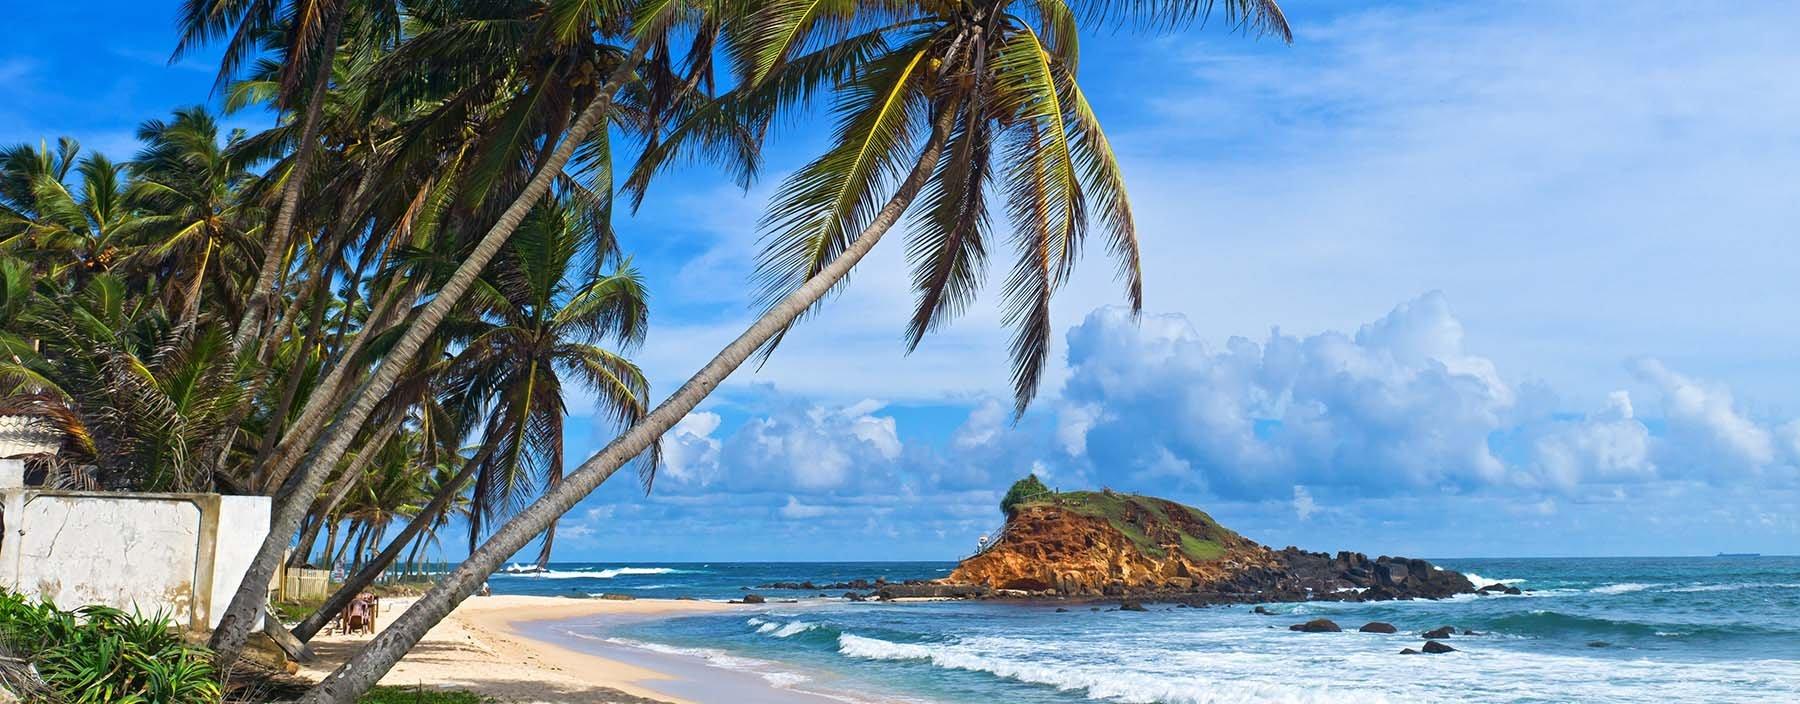 sri lanka, mirissa, beach.jpg